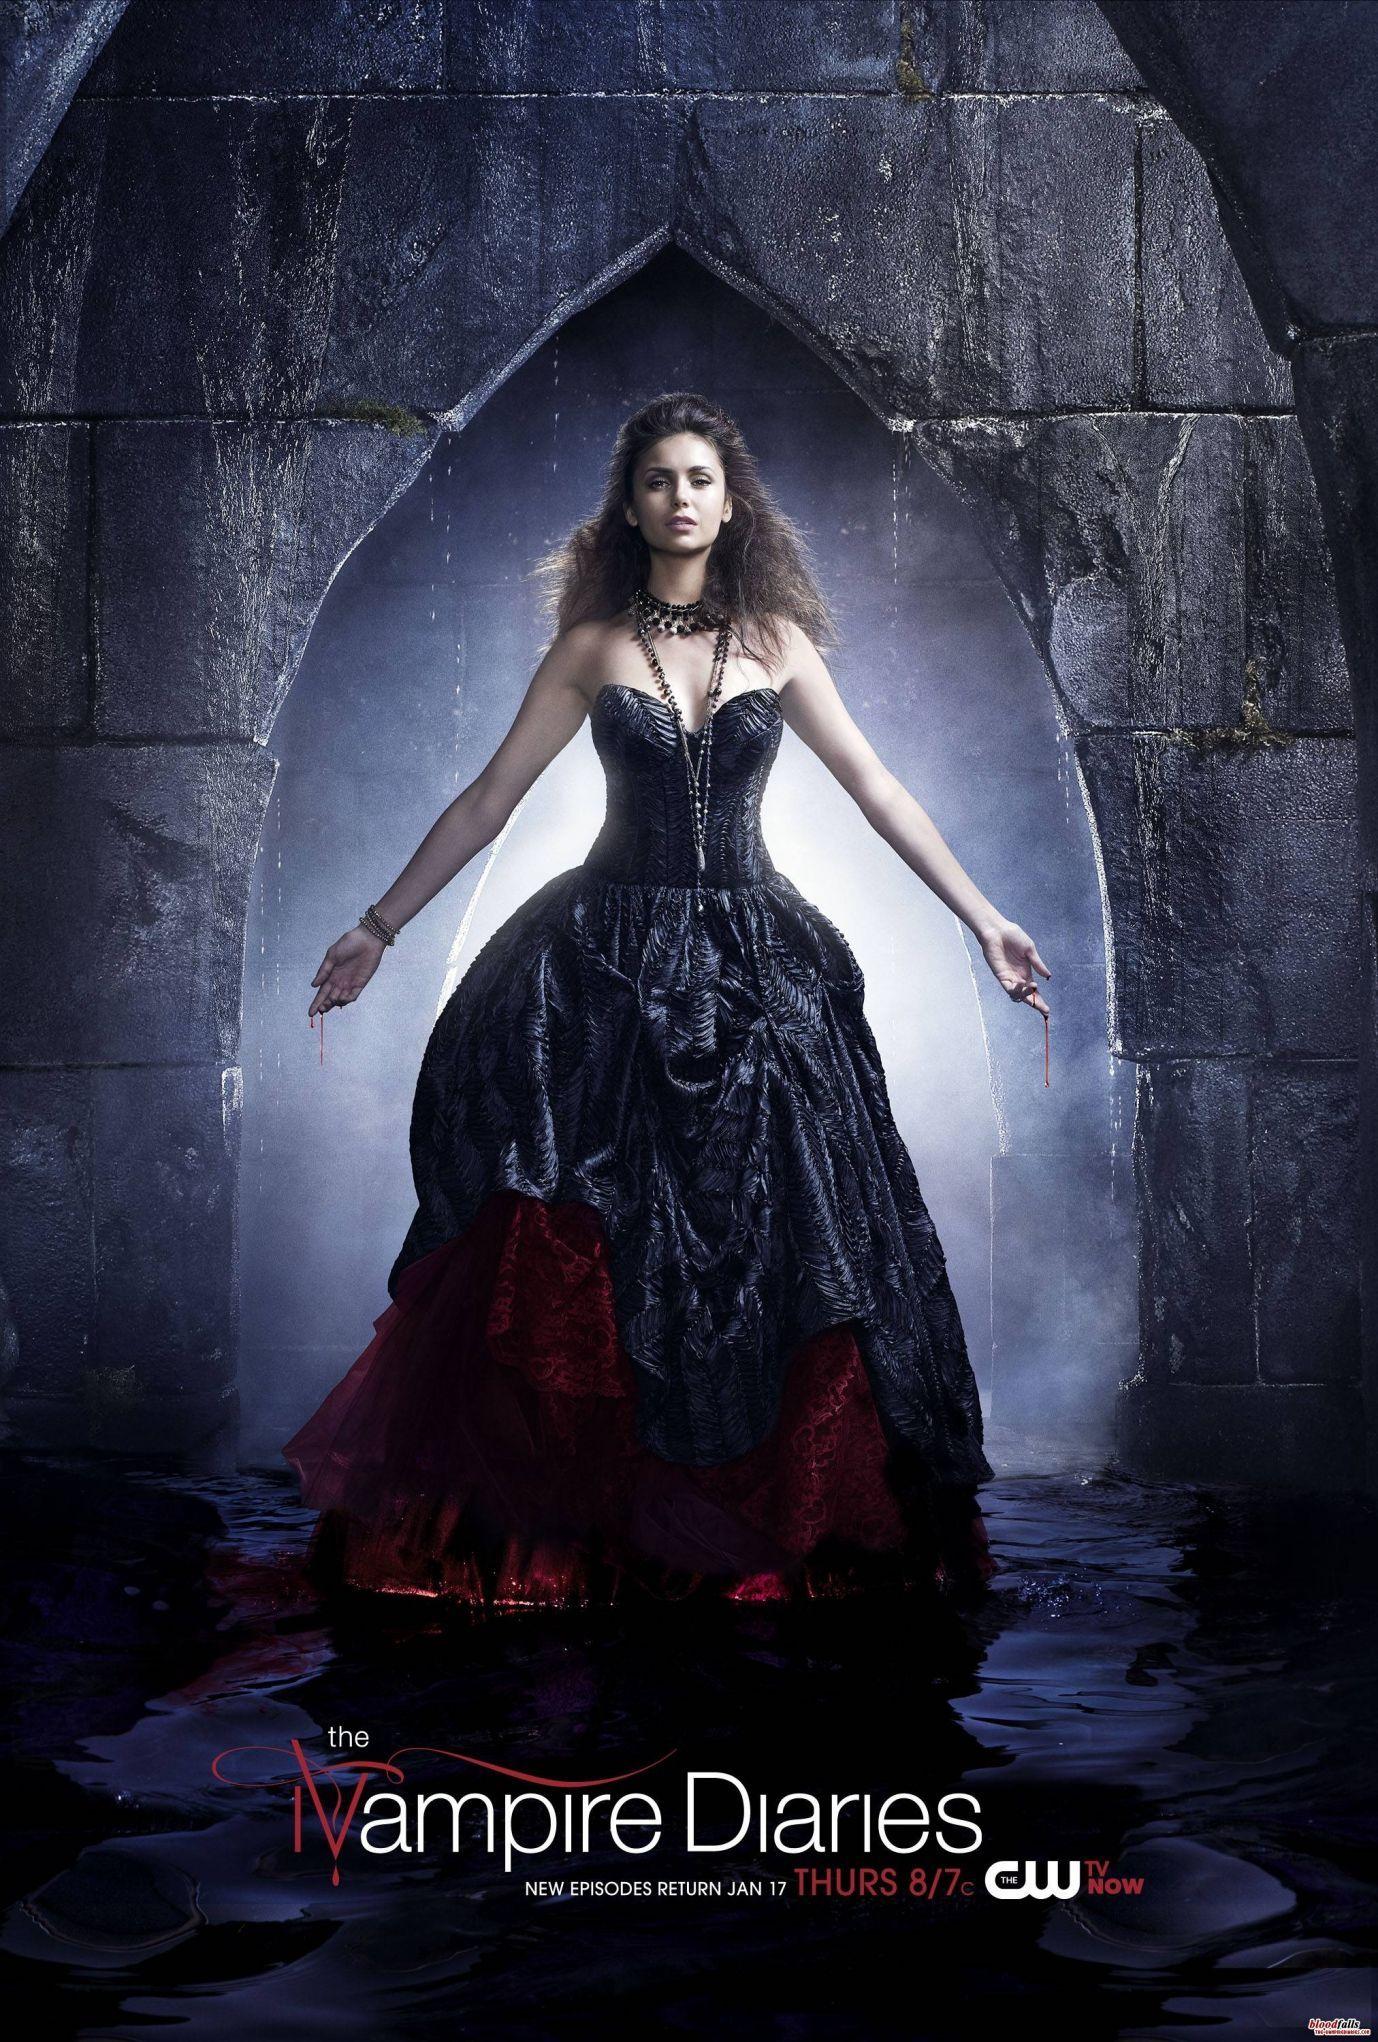 The Vampire Diaries Season 4 Promotion Tvd Mit Bildern The